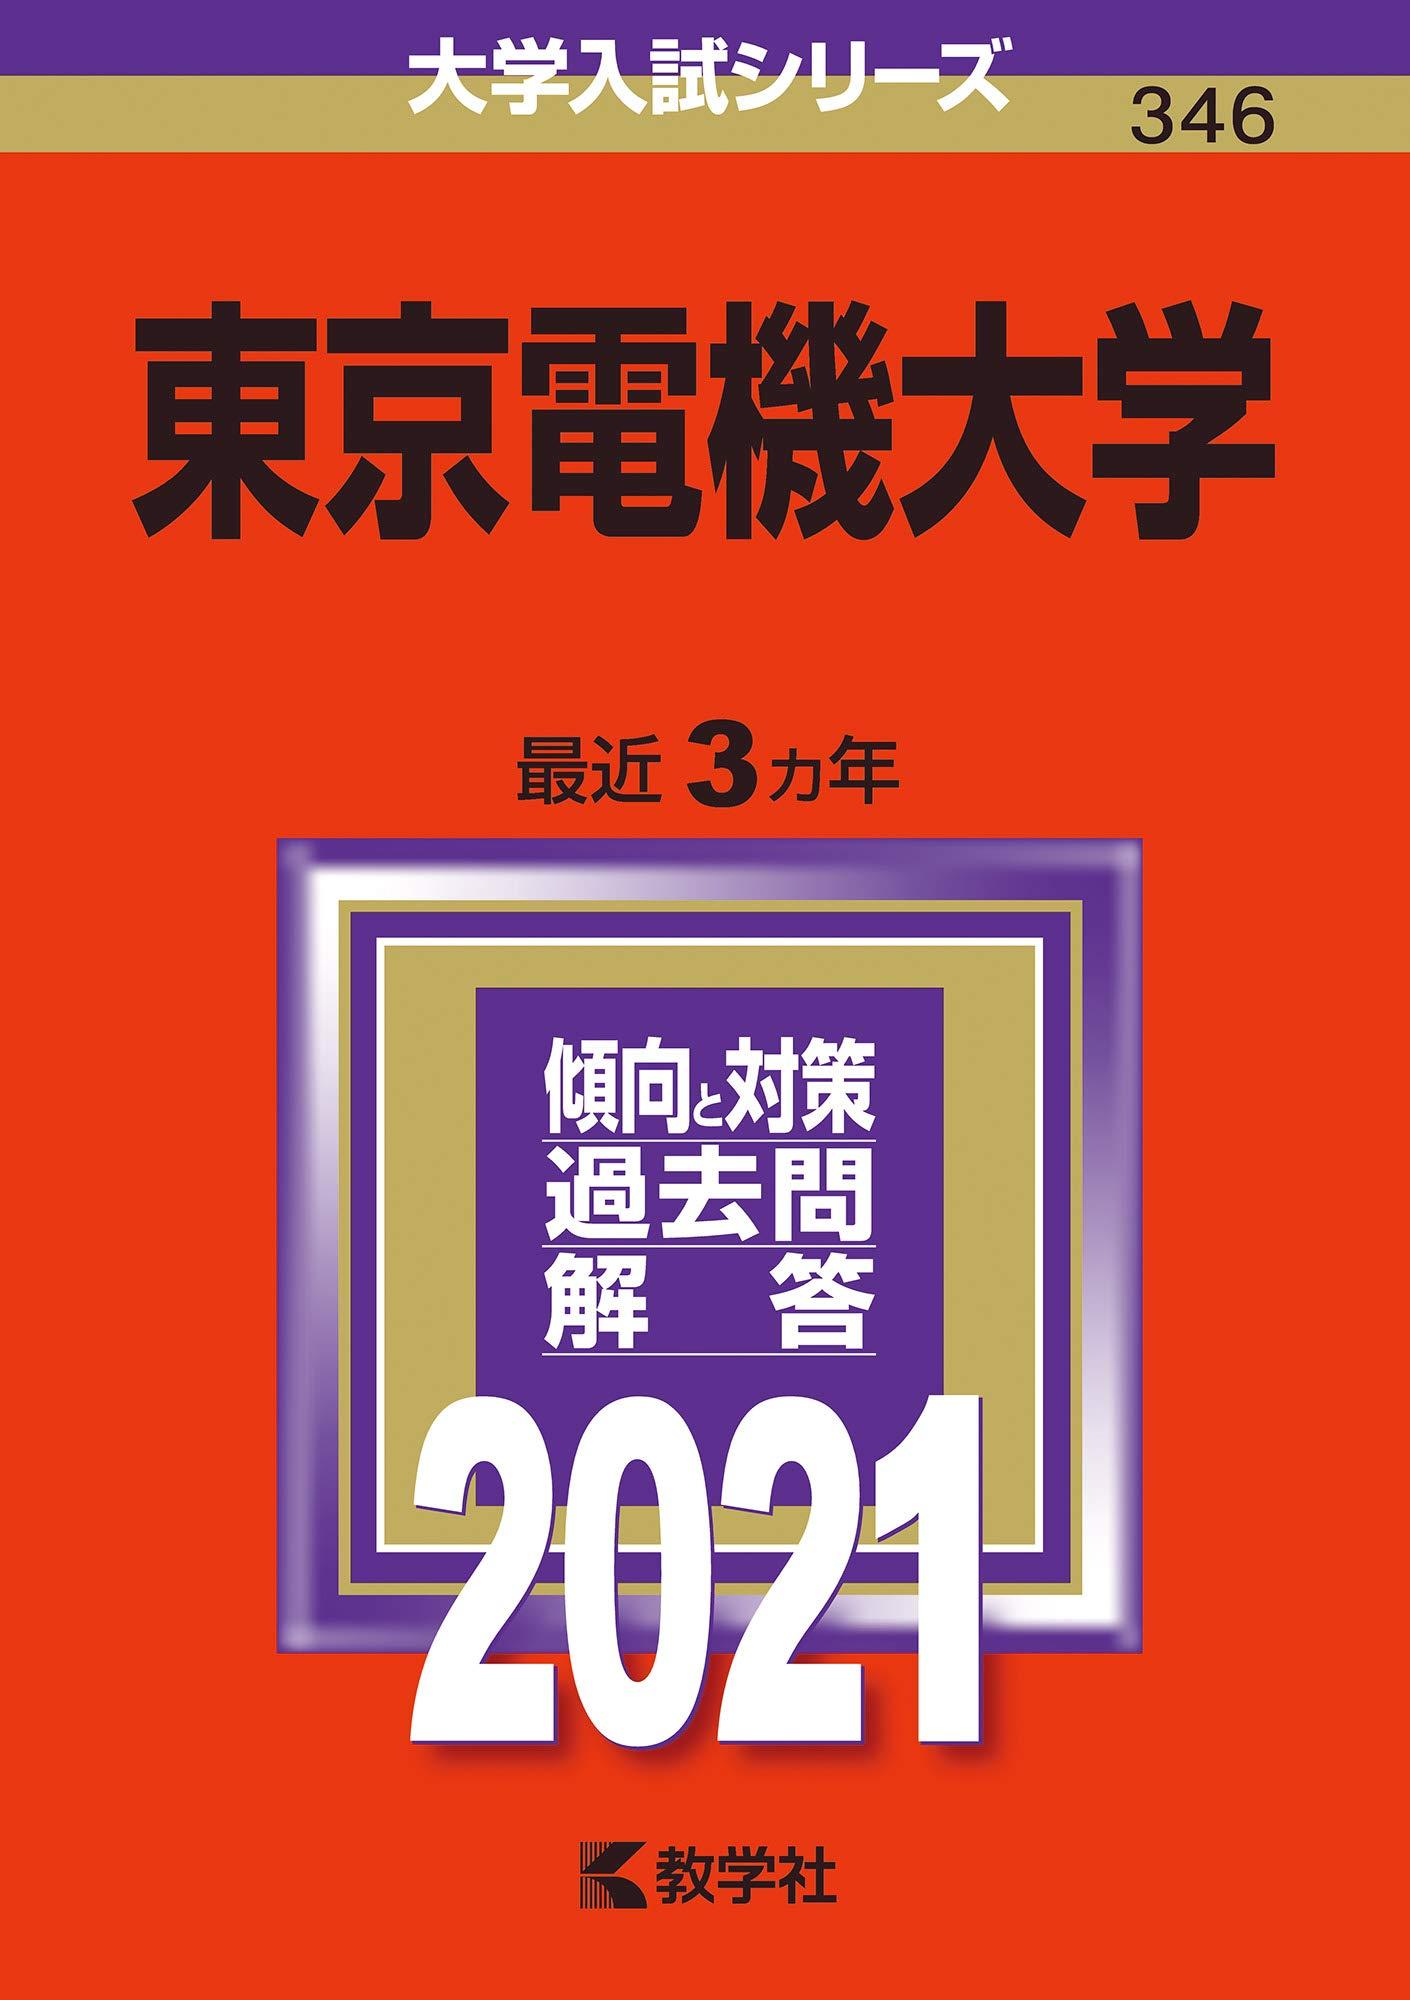 東京 電機 大学 後期